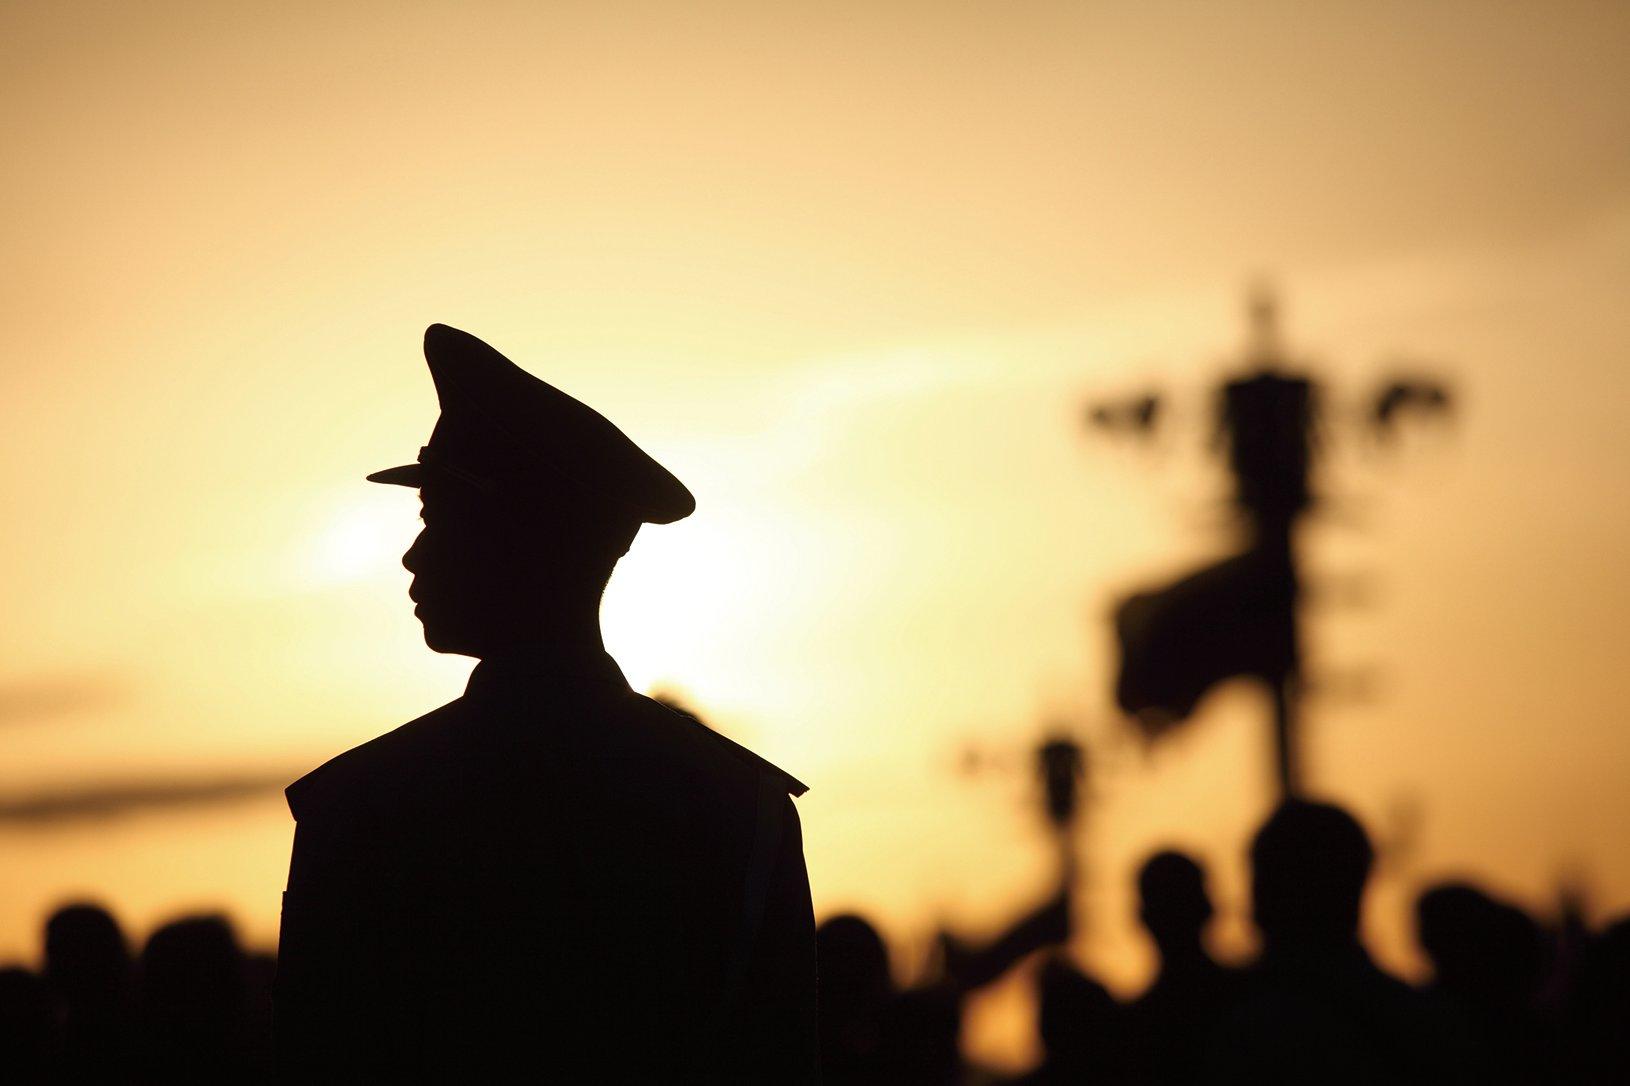 中共鎮壓法輪功持續18年,大陸軍警系統內一群風華正茂的年輕法輪功修煉者,他們的遭遇鮮為外界所知。(大紀元資料室)